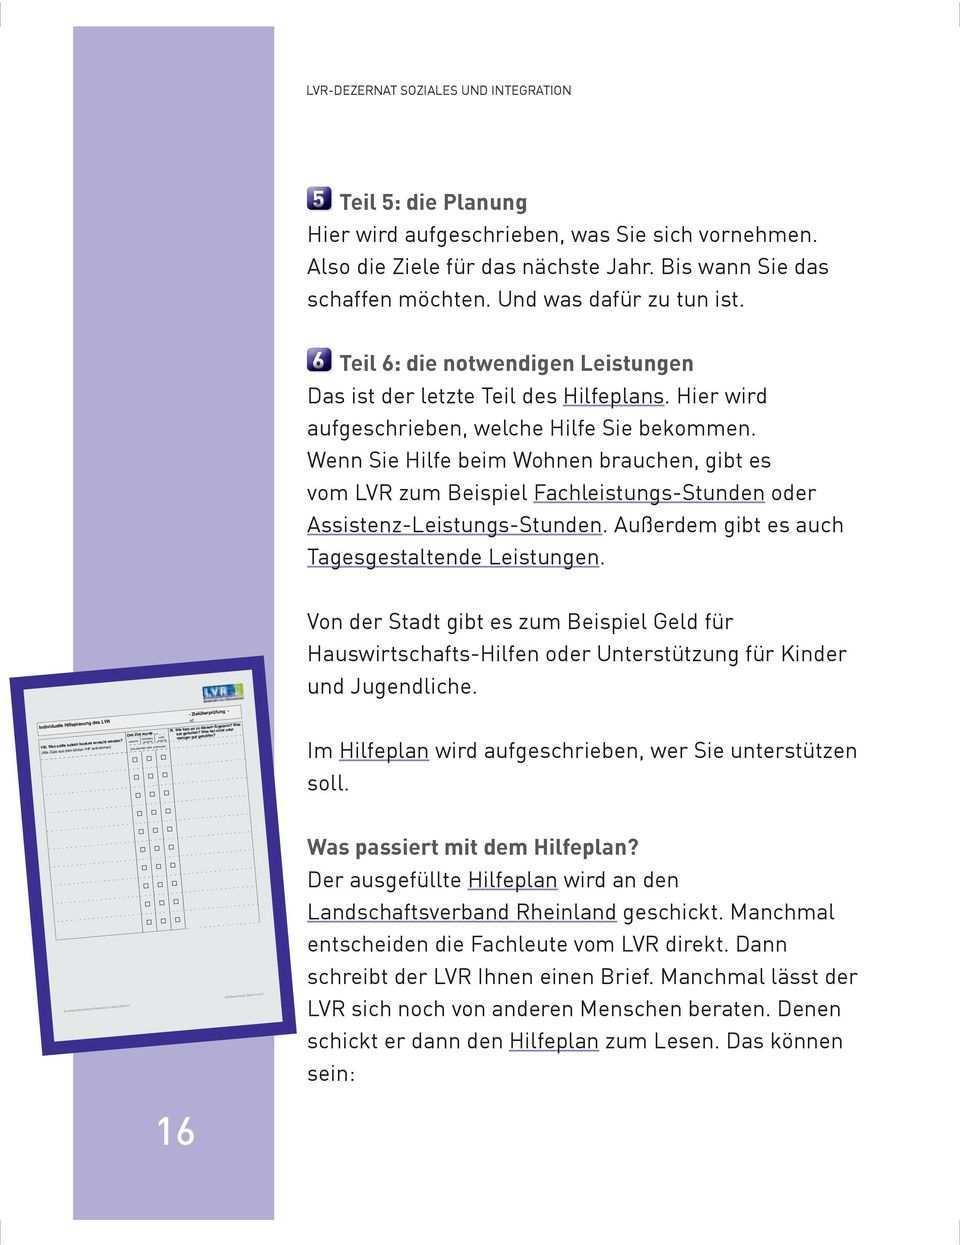 Guter Plan Gute Hilfe Pdf Free Download